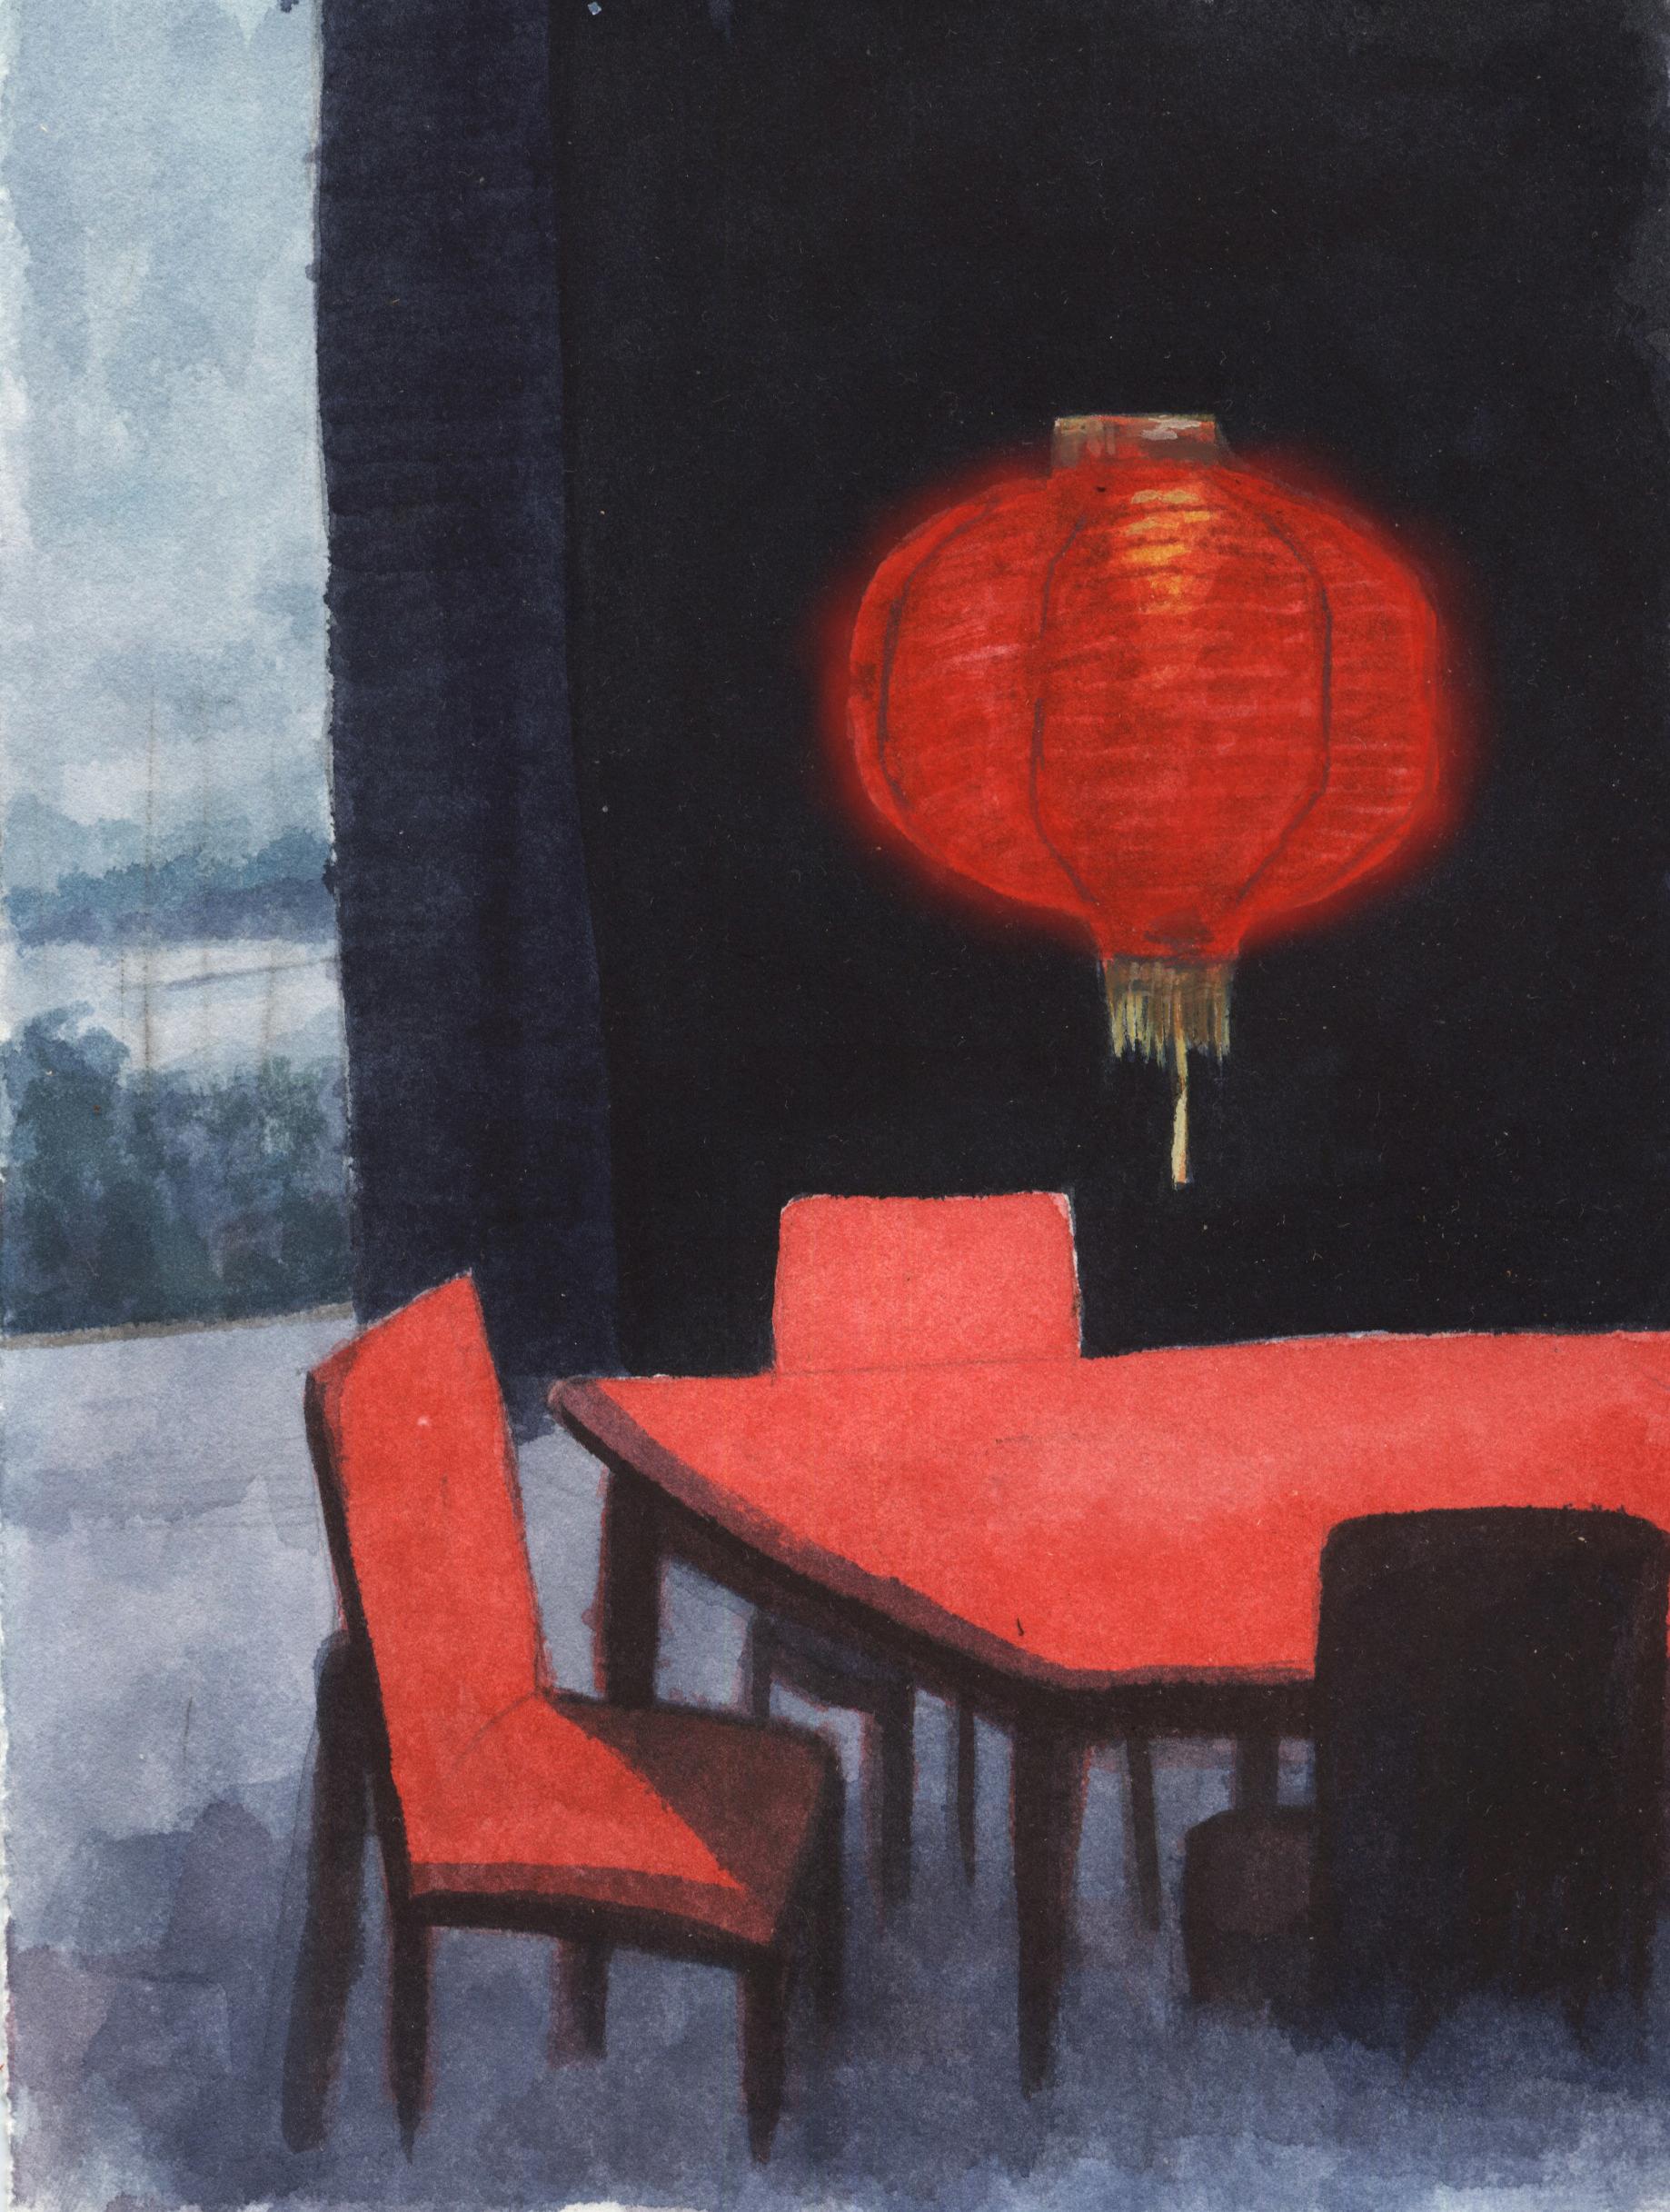 Ordinare cinese, di Giuseppe Checchia e Francesco Poiana